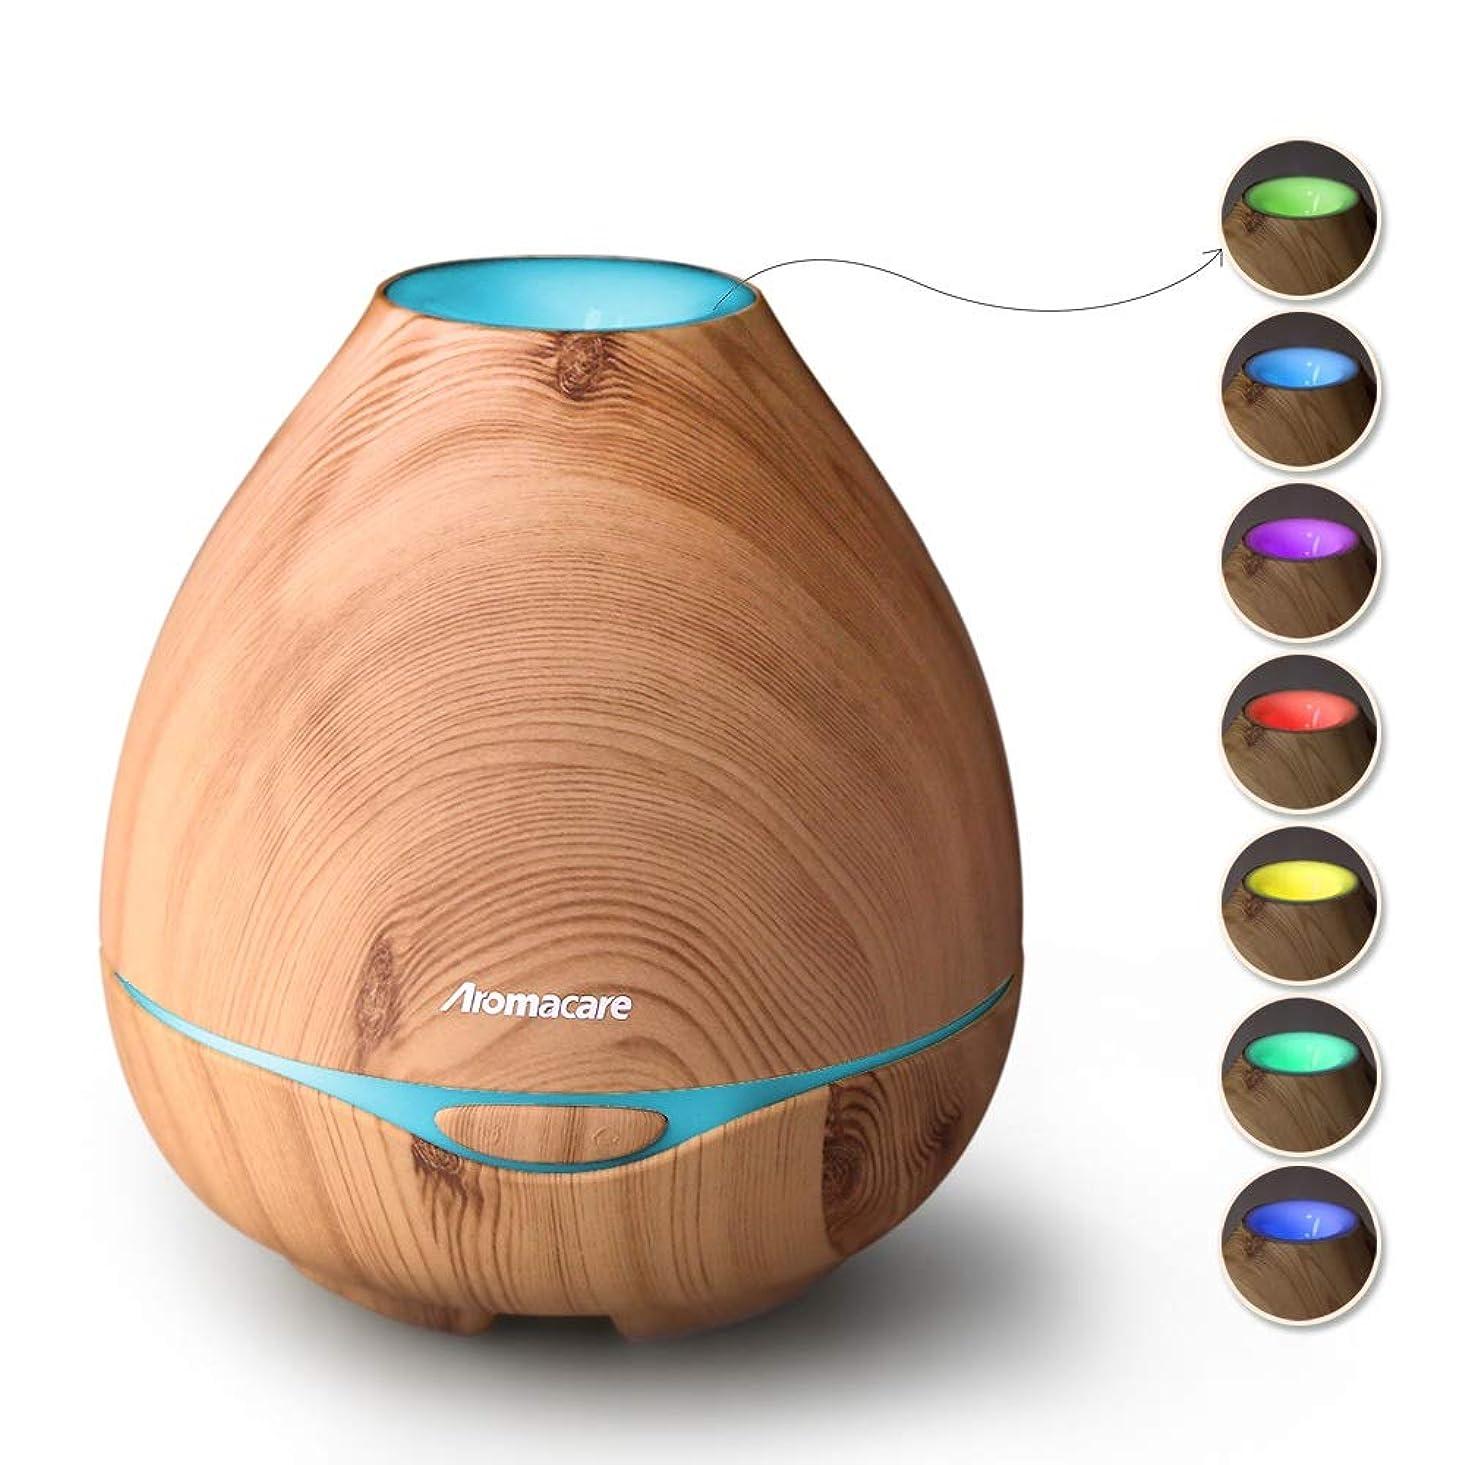 会話弾薬価格Aromacare アロマ超音波クールミスト加湿器?木目-なだめる夜 用 母 日オイルディフューザー 用 大きな部屋にもぴったりなギフト 用 300ミリリットルエッセンシャルオイルディフューザーはによって非常に静かな光 - ブラウン